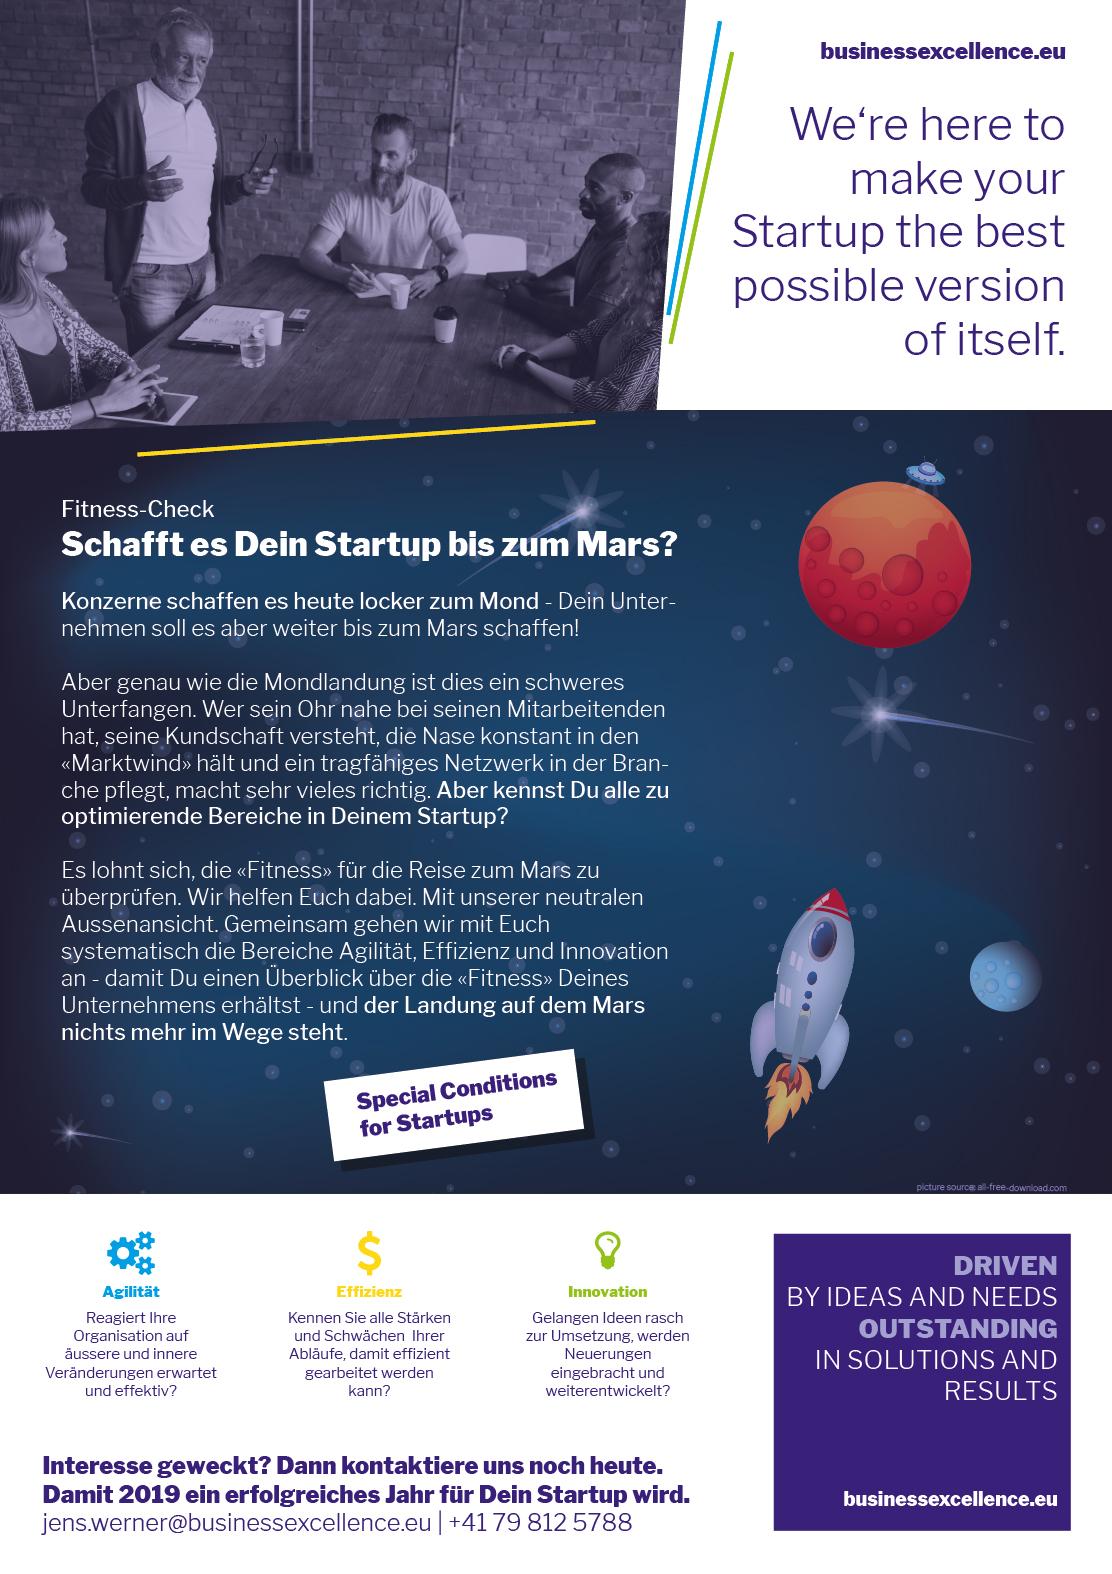 Ist Dein Startup fit für eine Reise zum Mars?